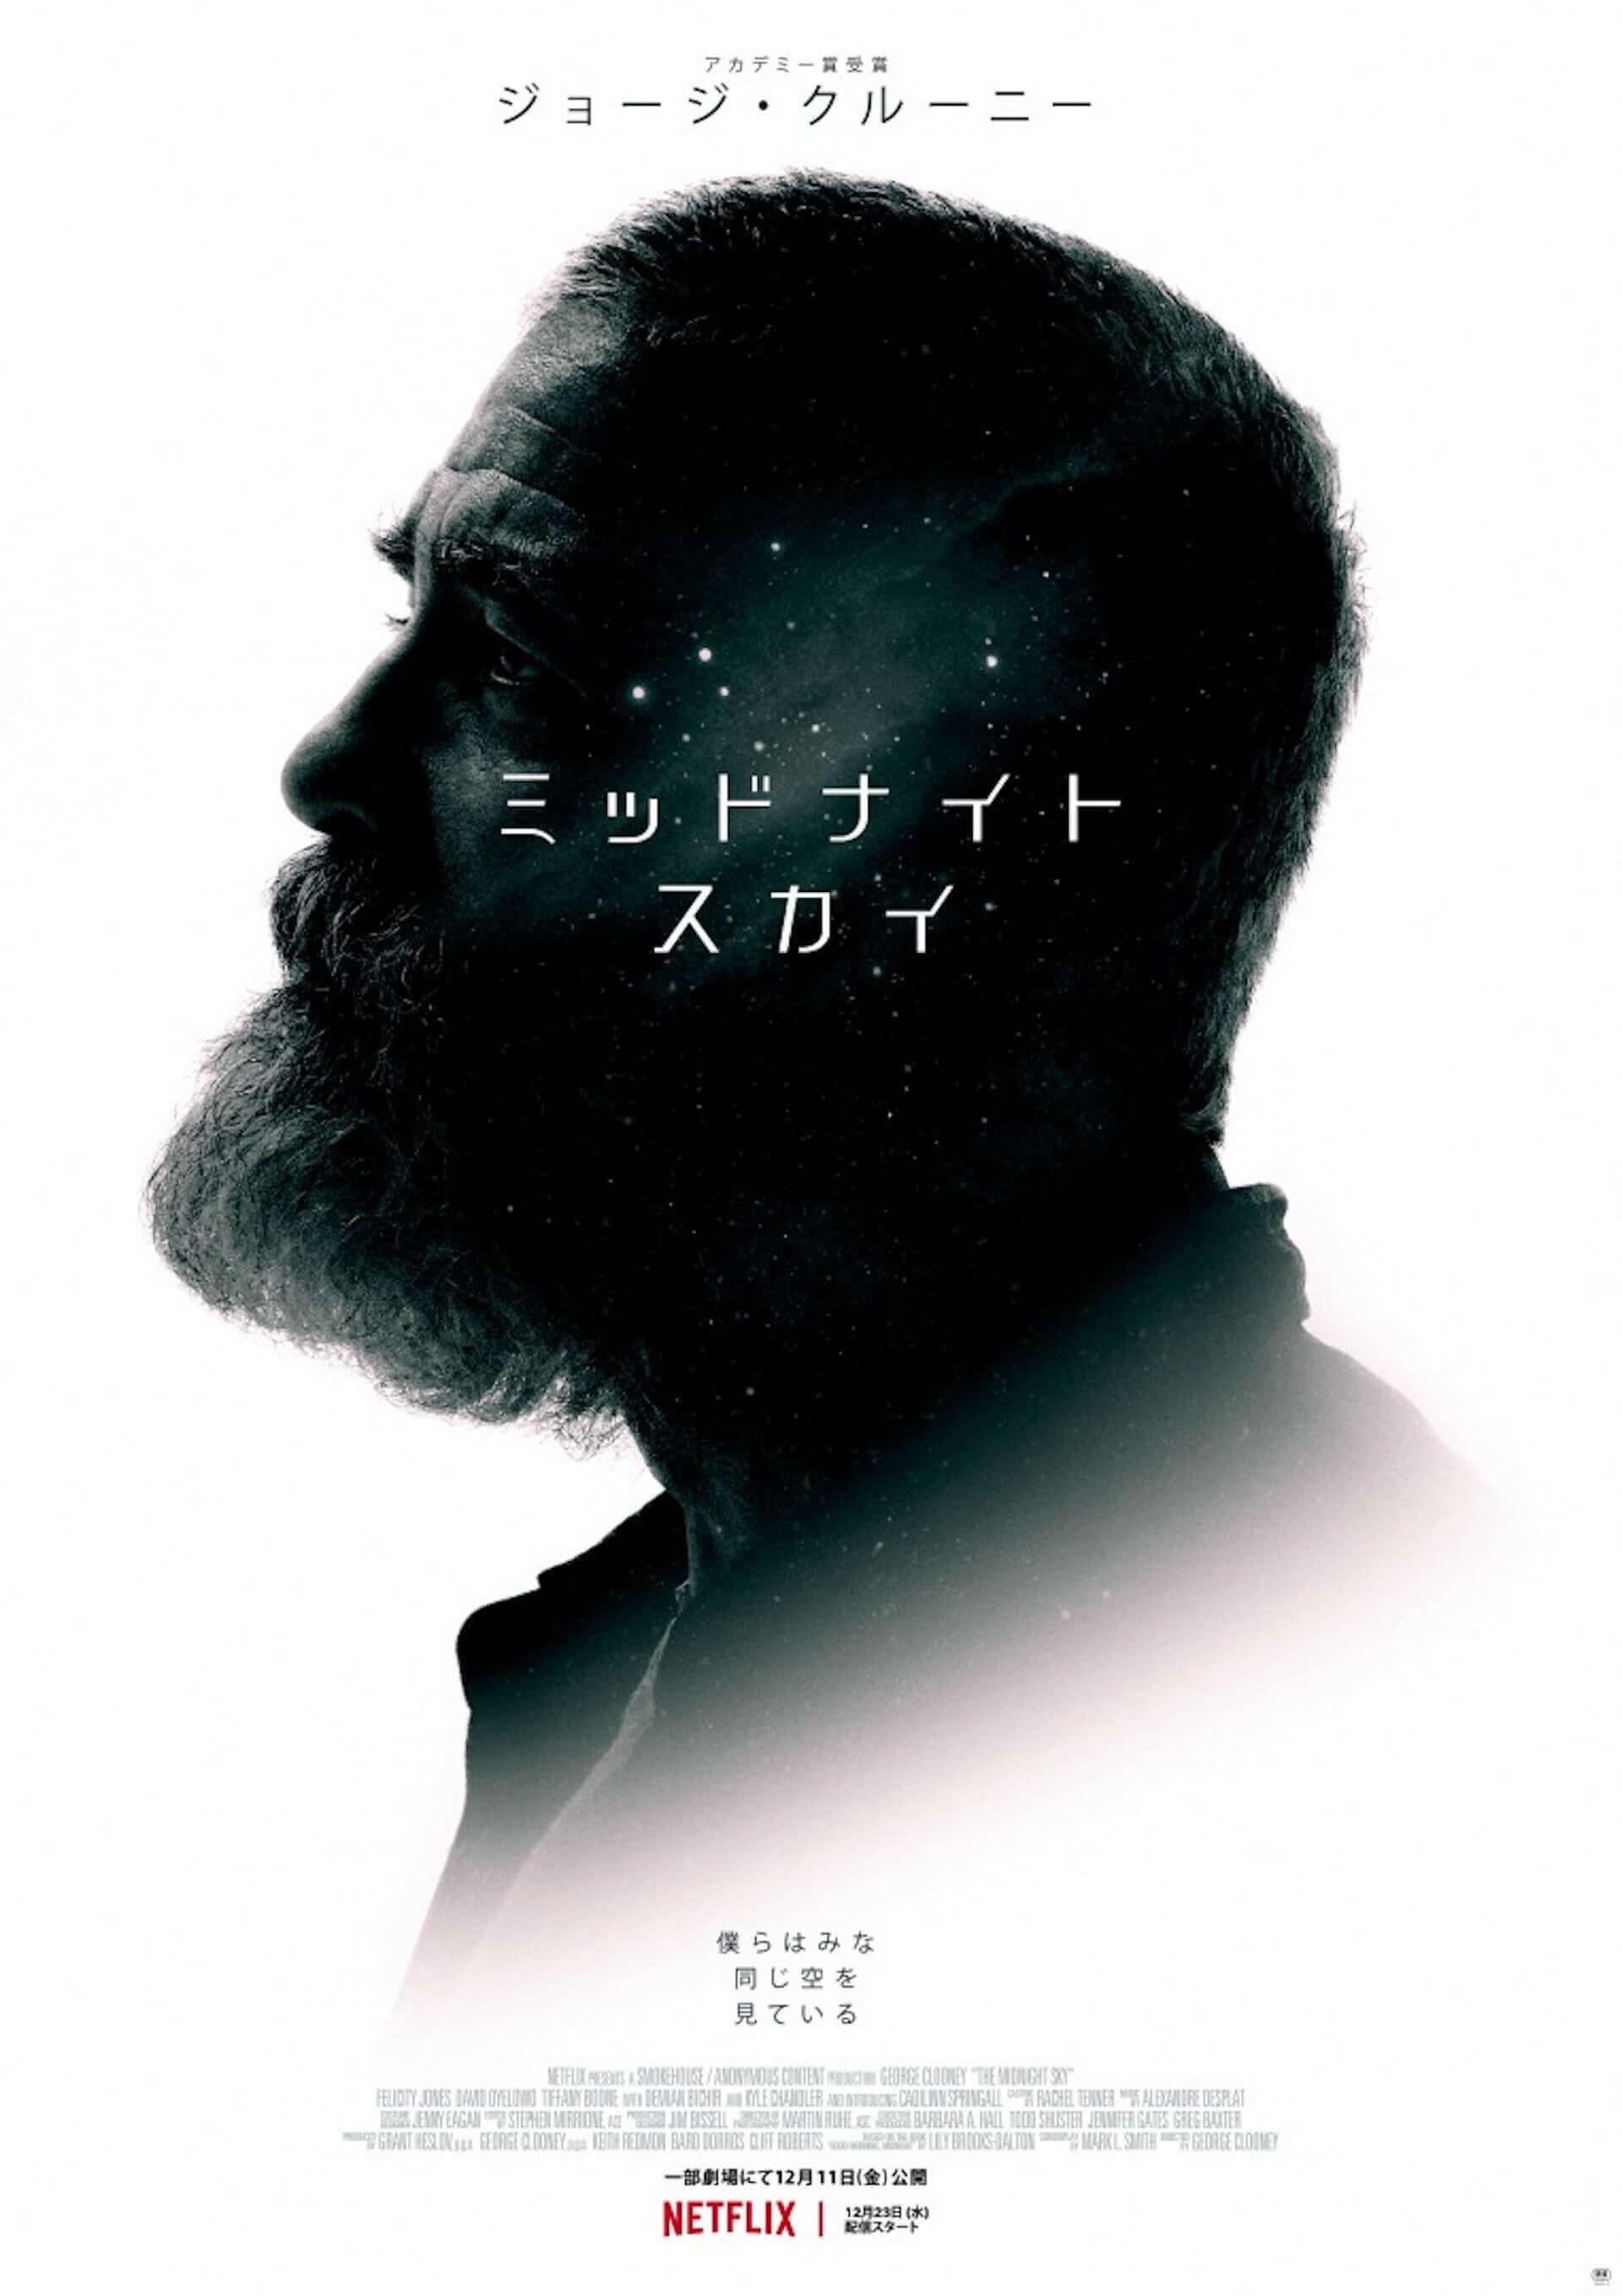 ジョージ・クルーニーが「危険な撮影だった」と語る氷上でのスタントとは…Netflix映画『ミッドナイト・スカイ』本編映像が解禁 film201221_midnightsky_2-1920x2718